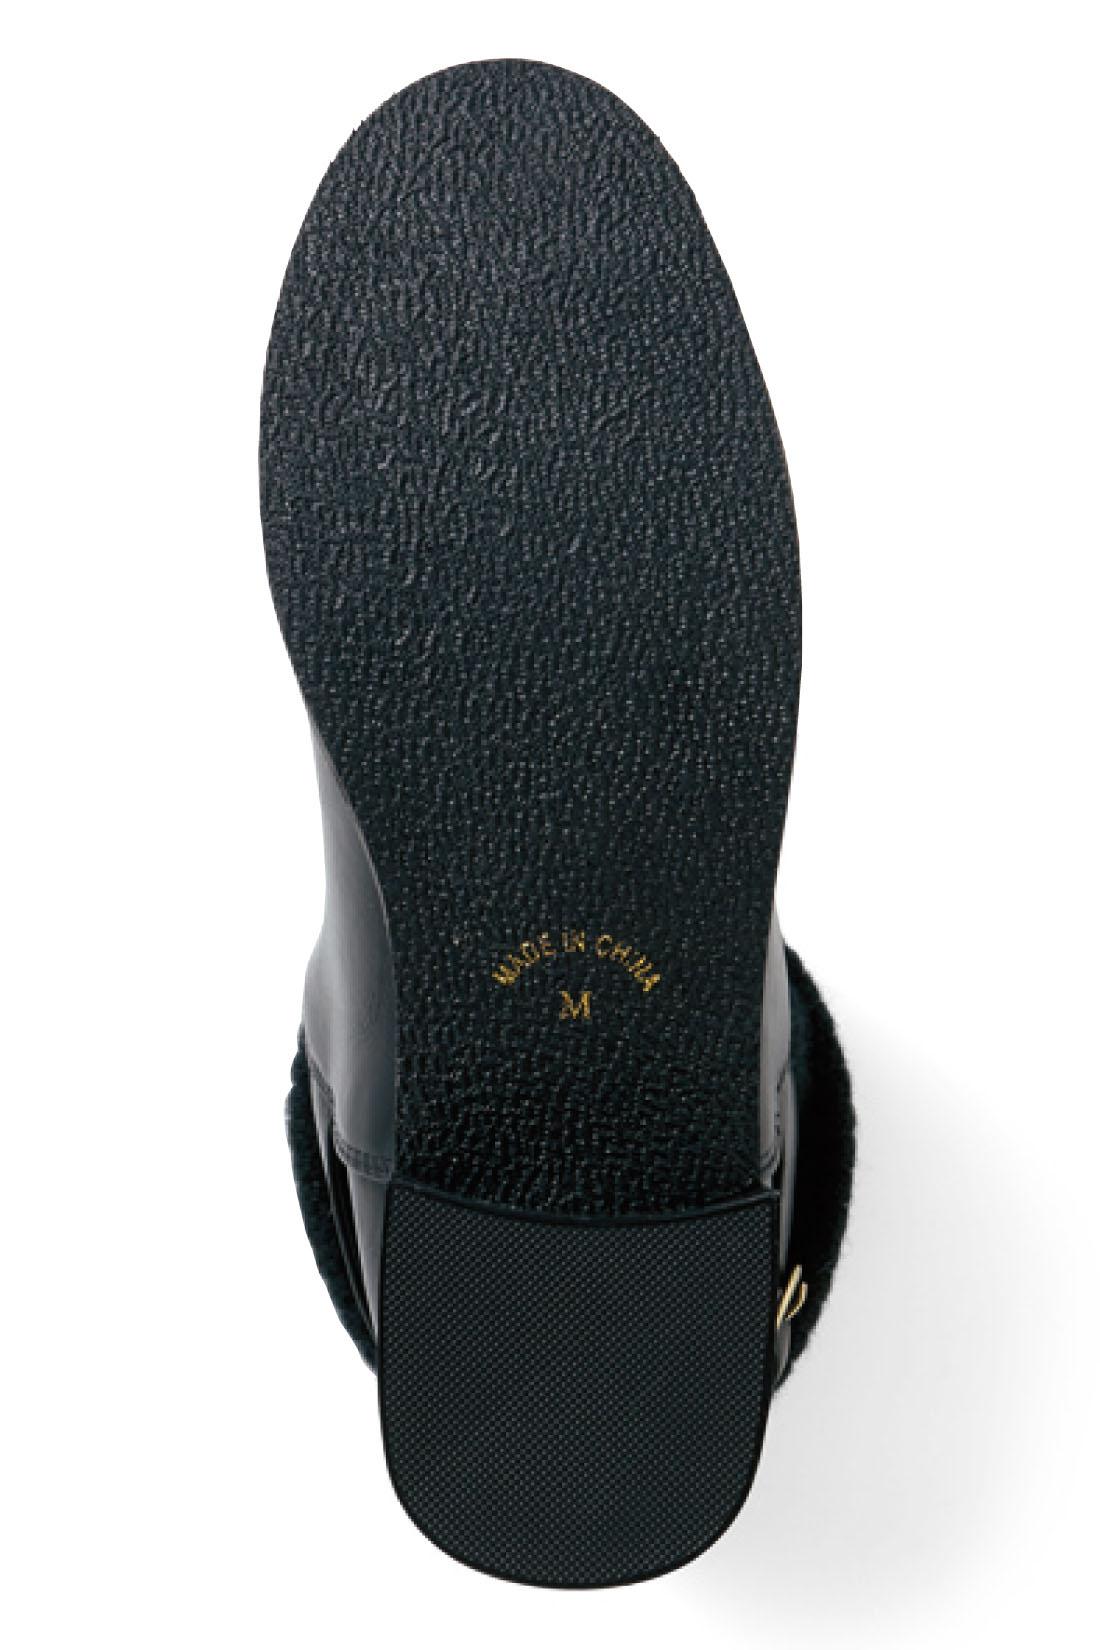 脚をきれいに見せつつ安定感のある太めヒール。底はゴム素材で滑りにくい。